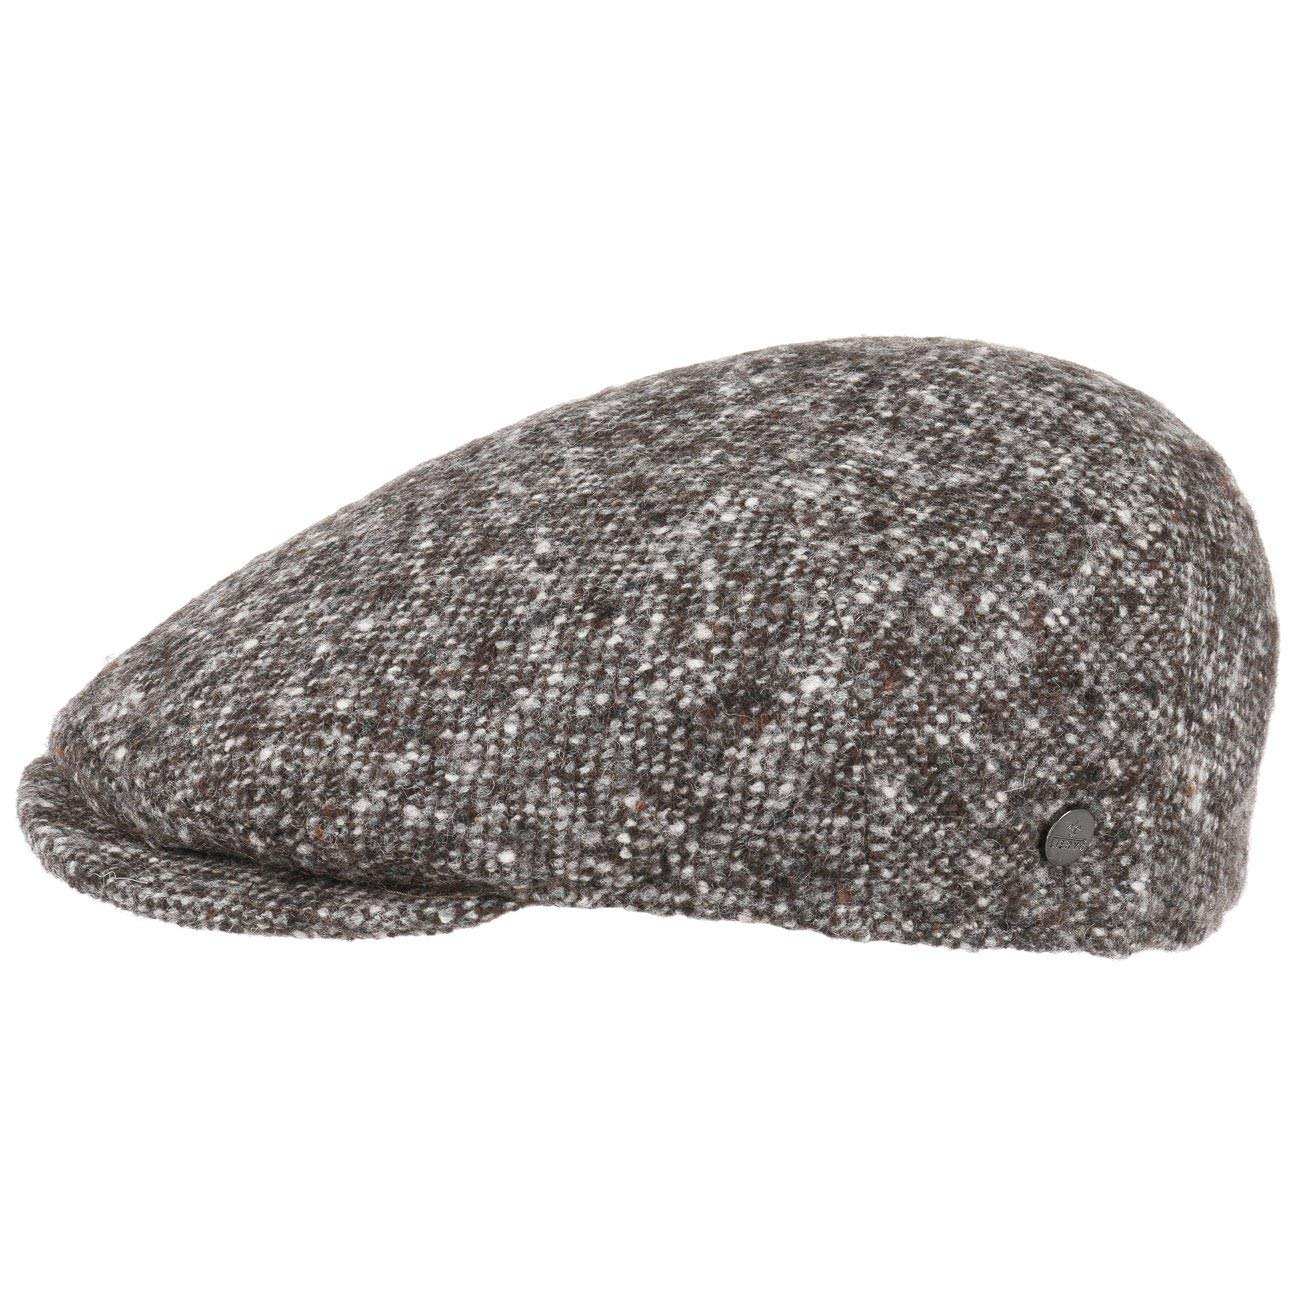 Lierys Virgin Wool Tweed Coppola Cappello Piatto Berretto Invernale